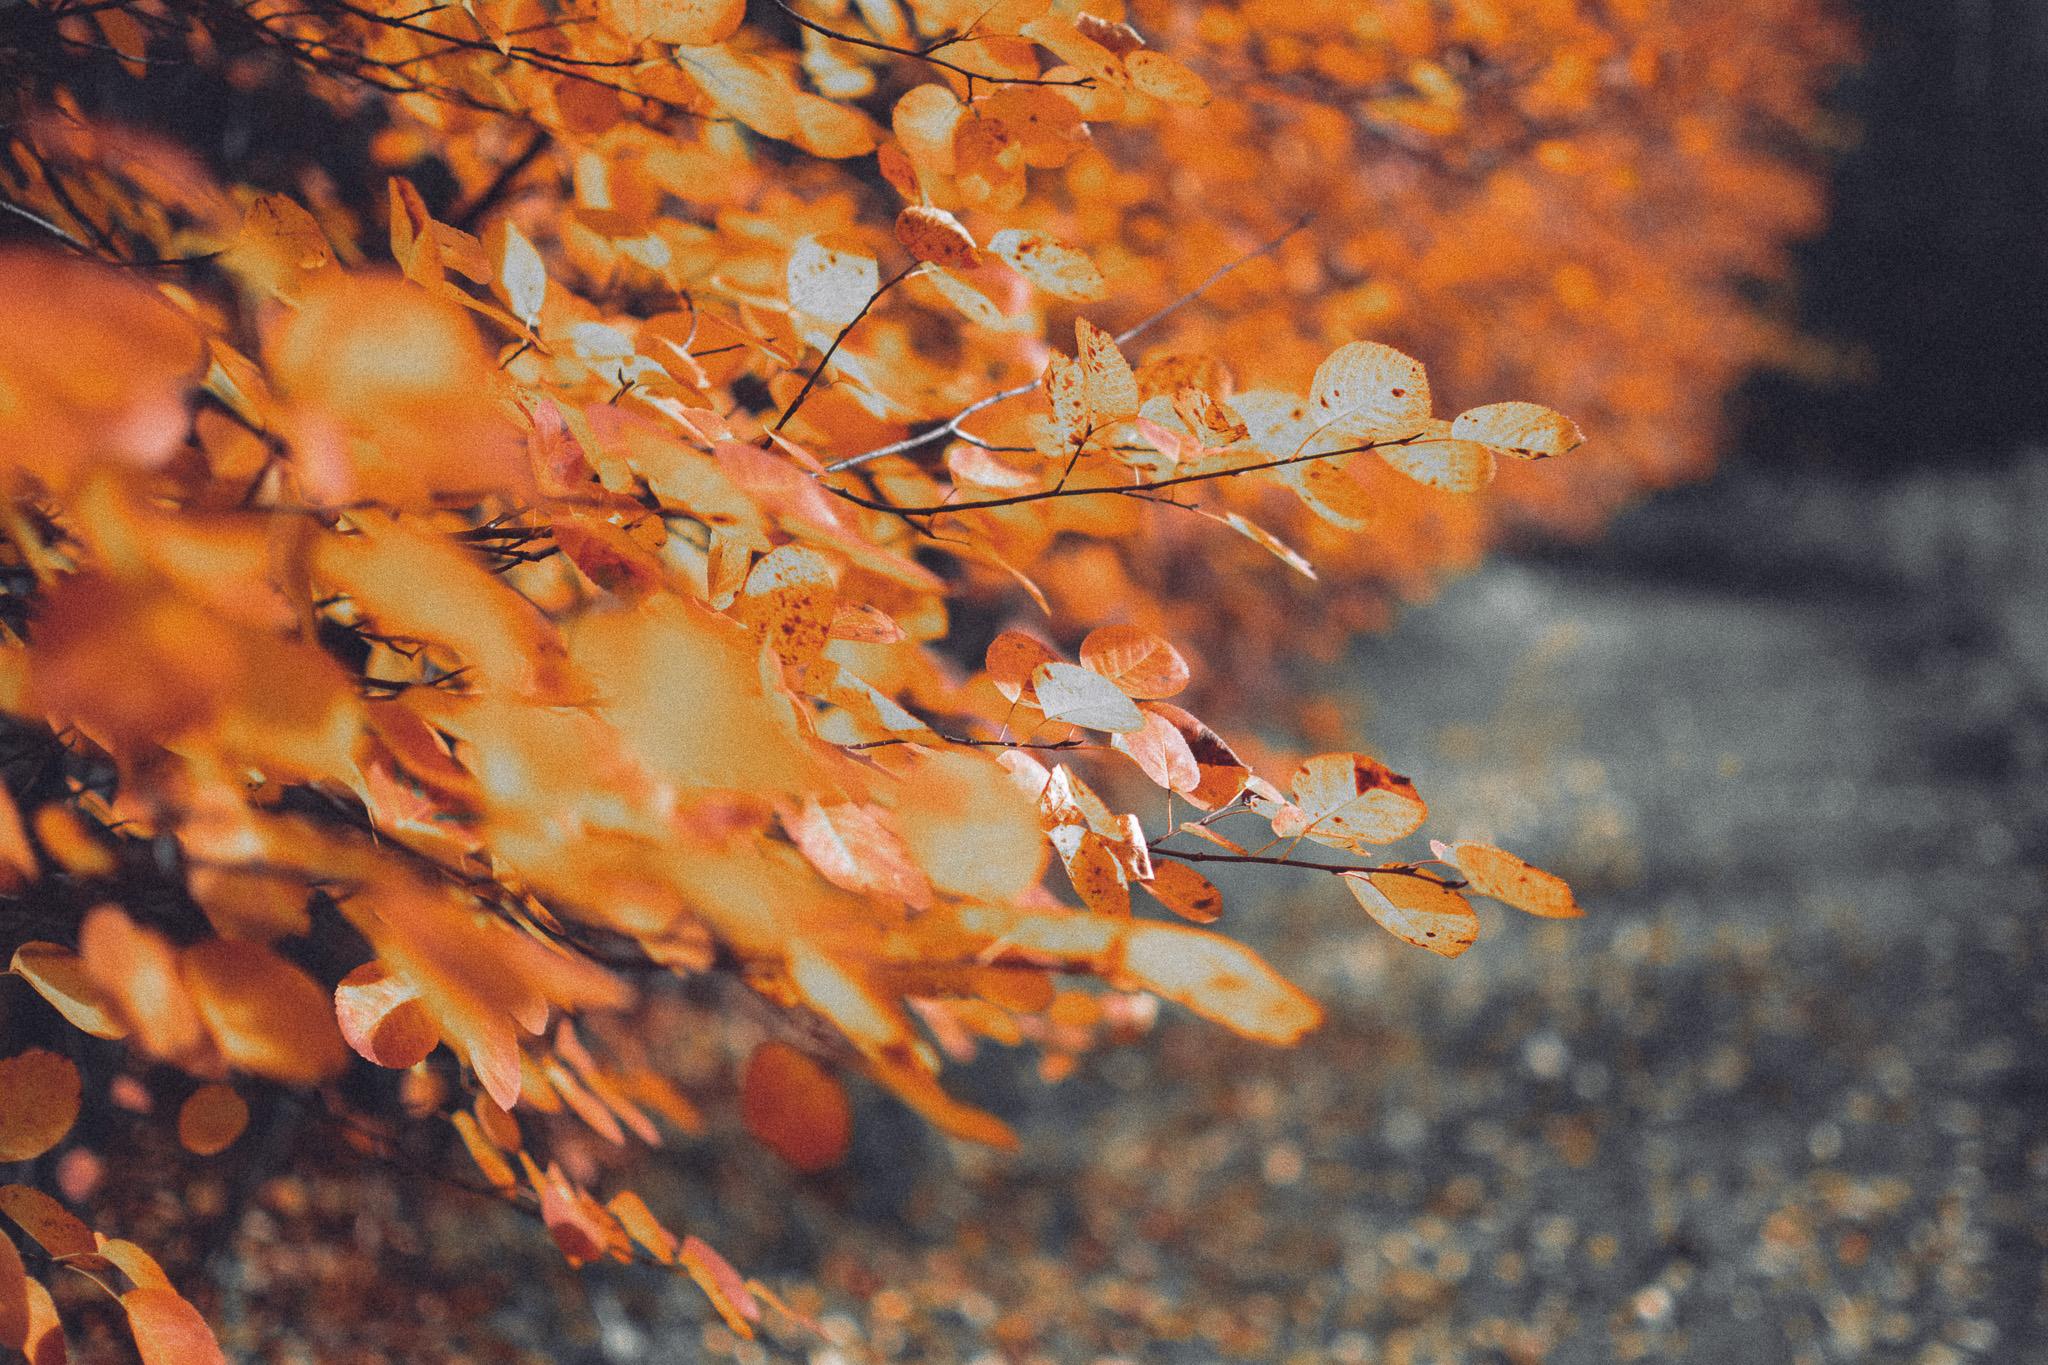 10-01-Fall-Rauhalahti-Haplop-1_LR edited_FB.jpg